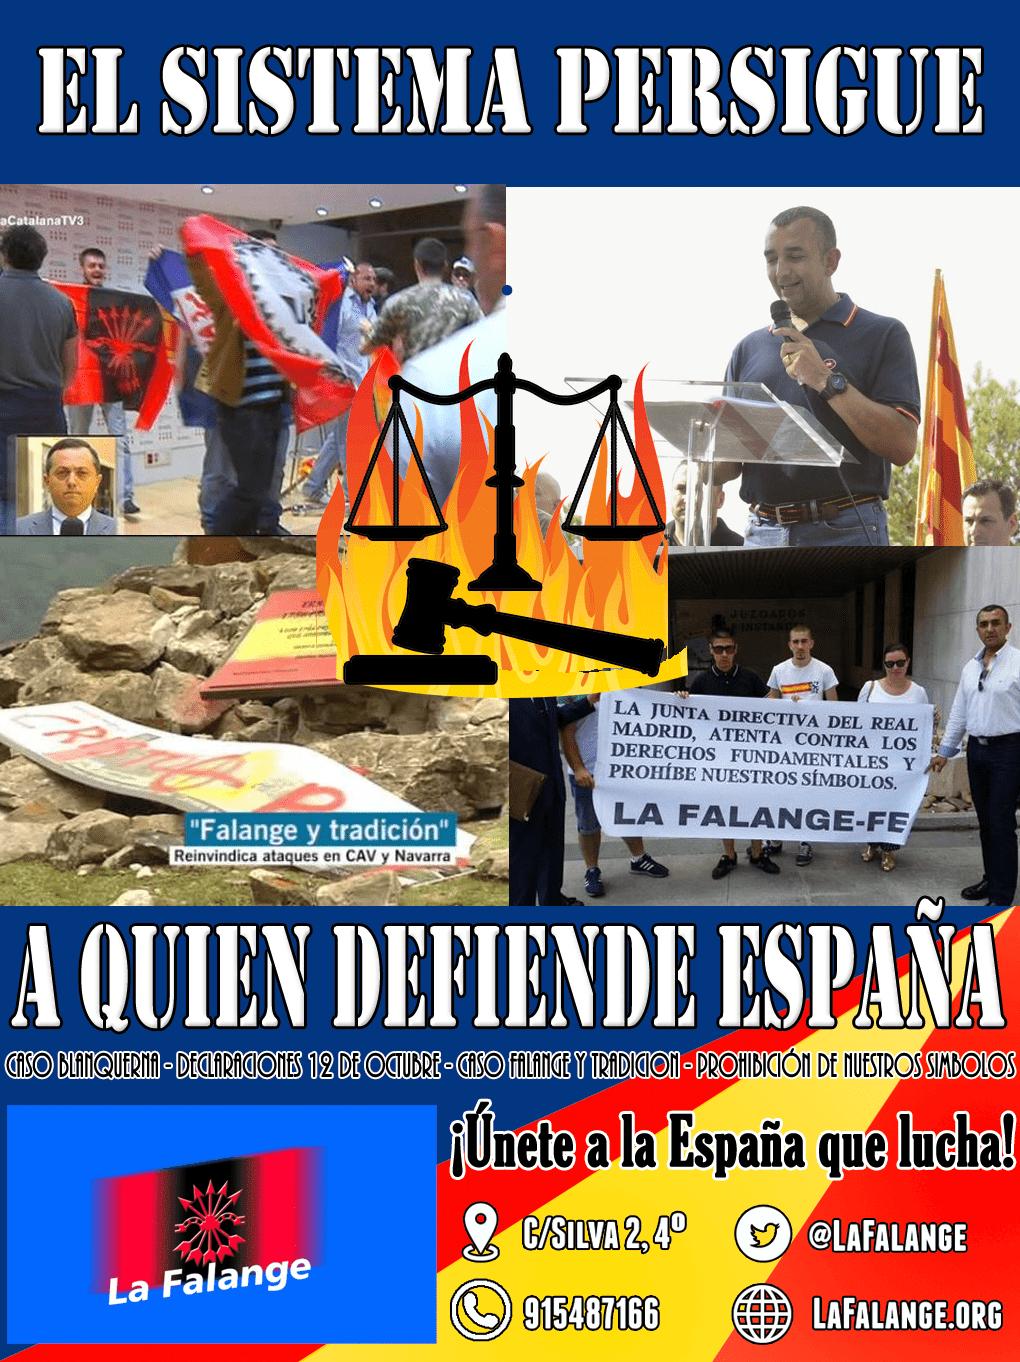 El Sistema persigue a quien DEFIENDE ESPAÑA